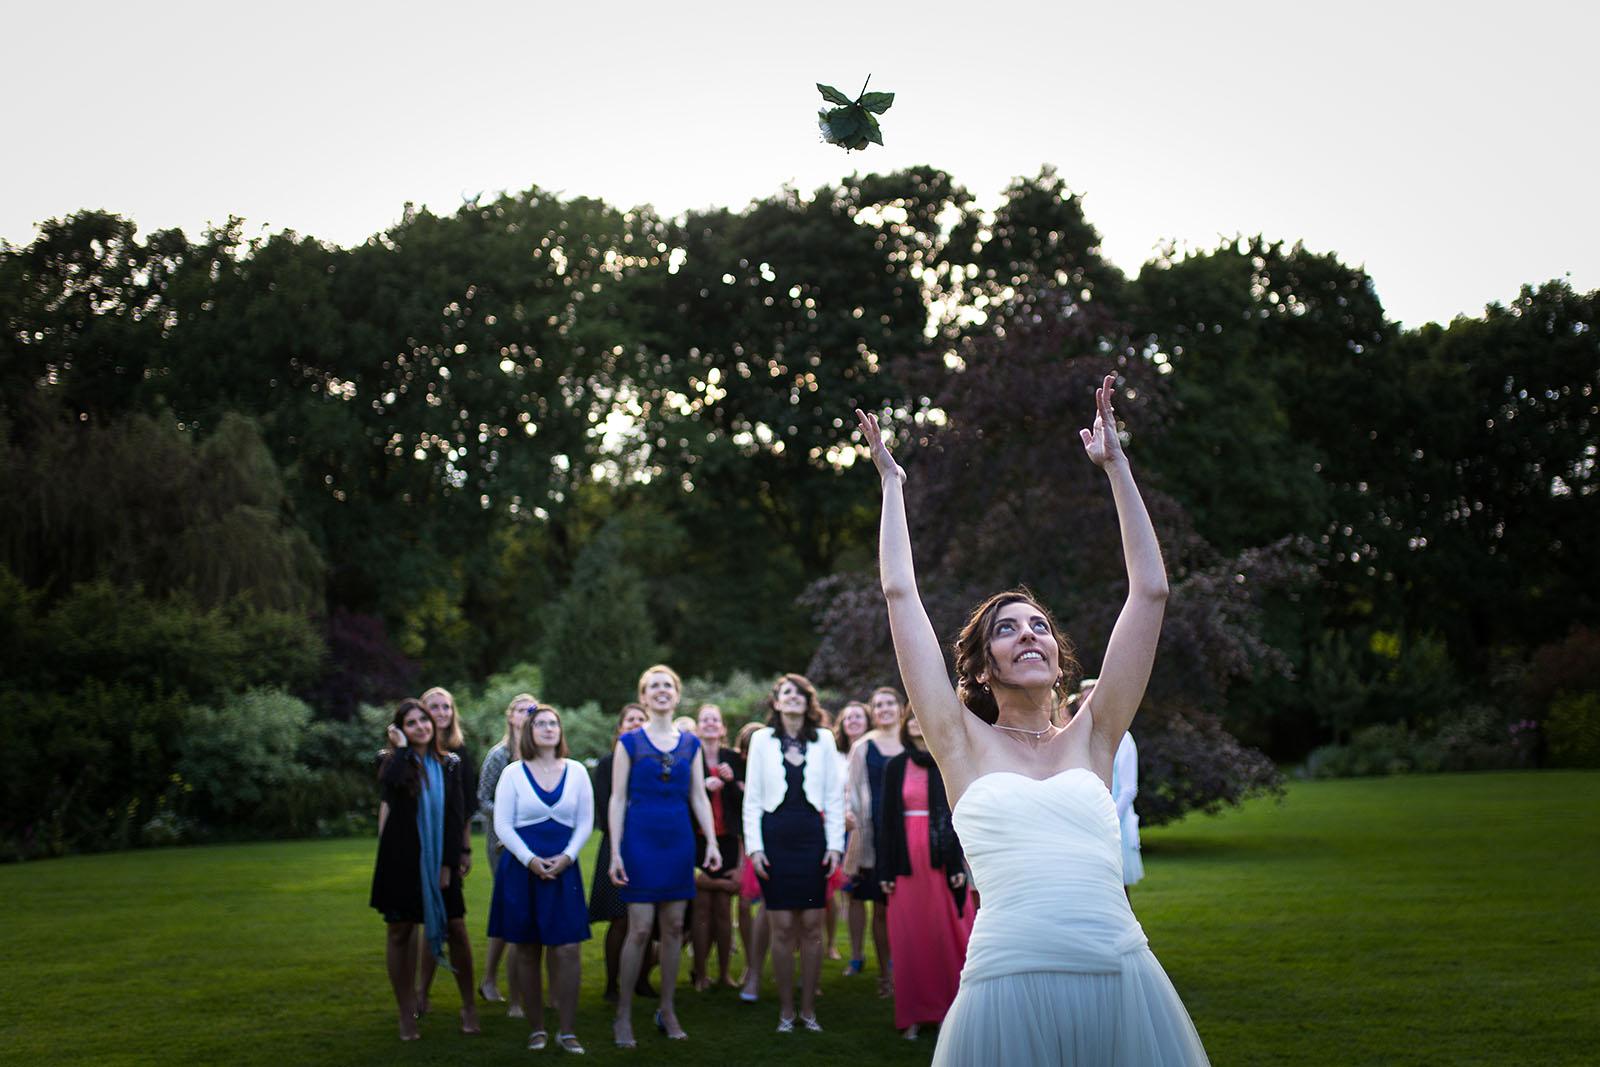 Mariage au Manoir de Corny en Normandie. Le lancer du bouquet de la mariée